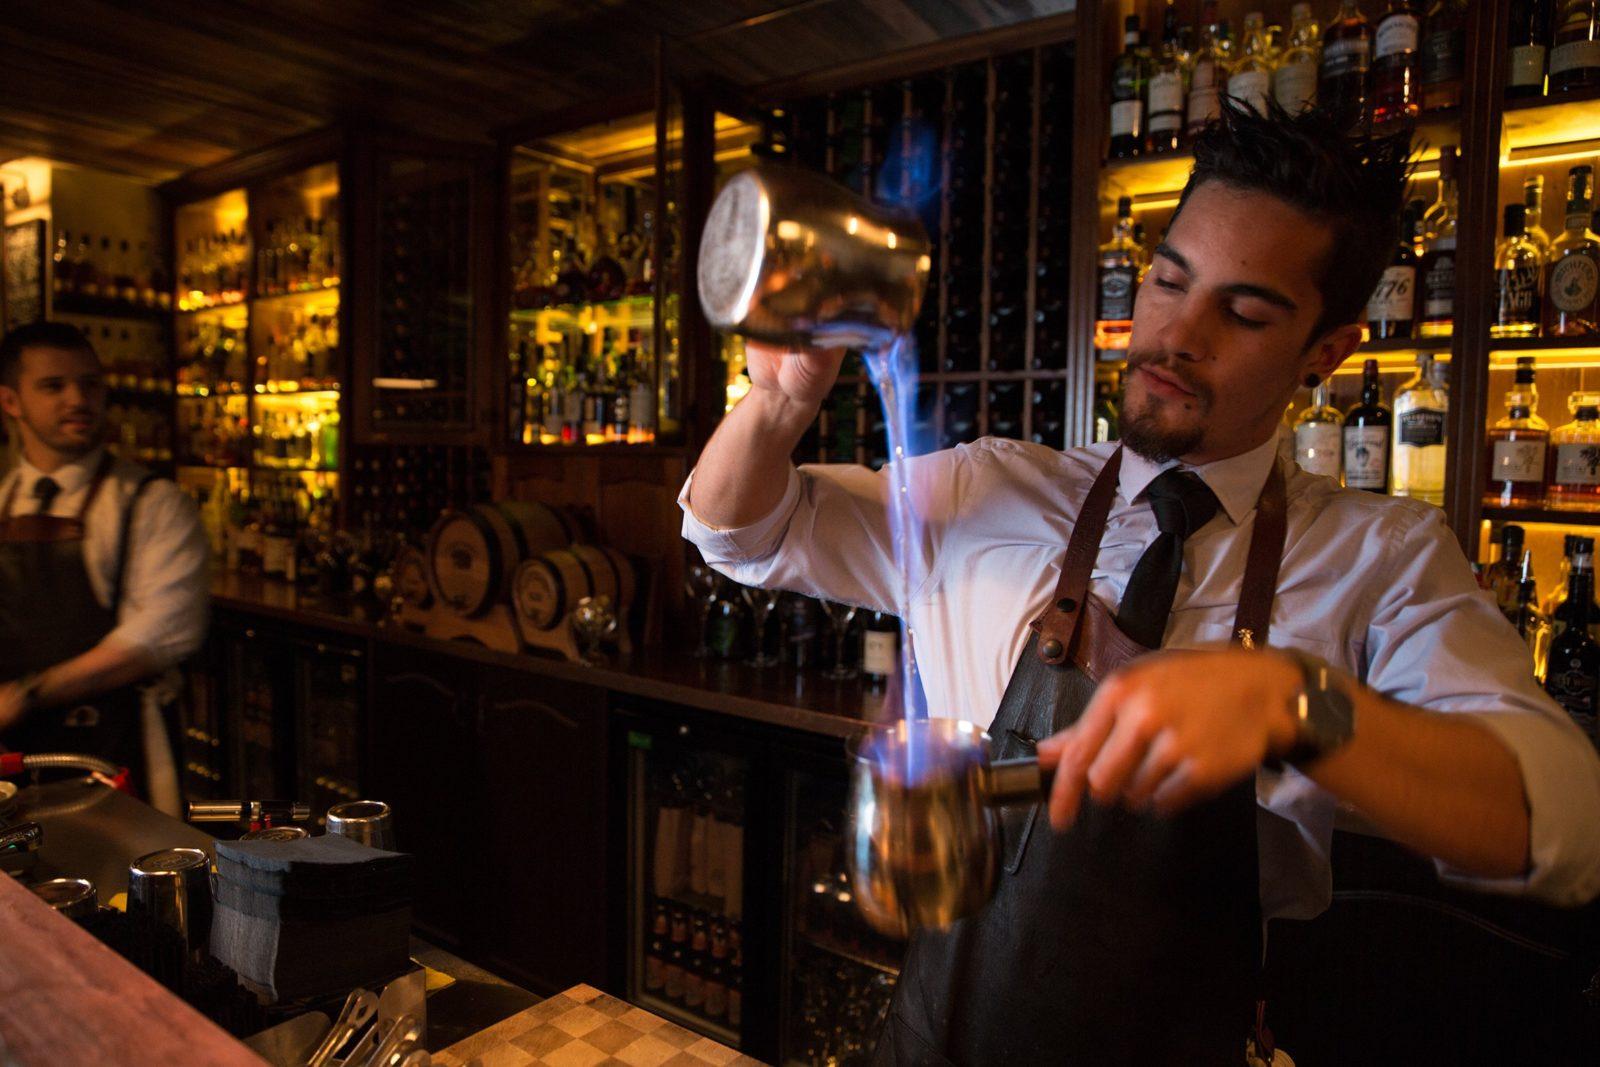 Bartender making flaming cocktails